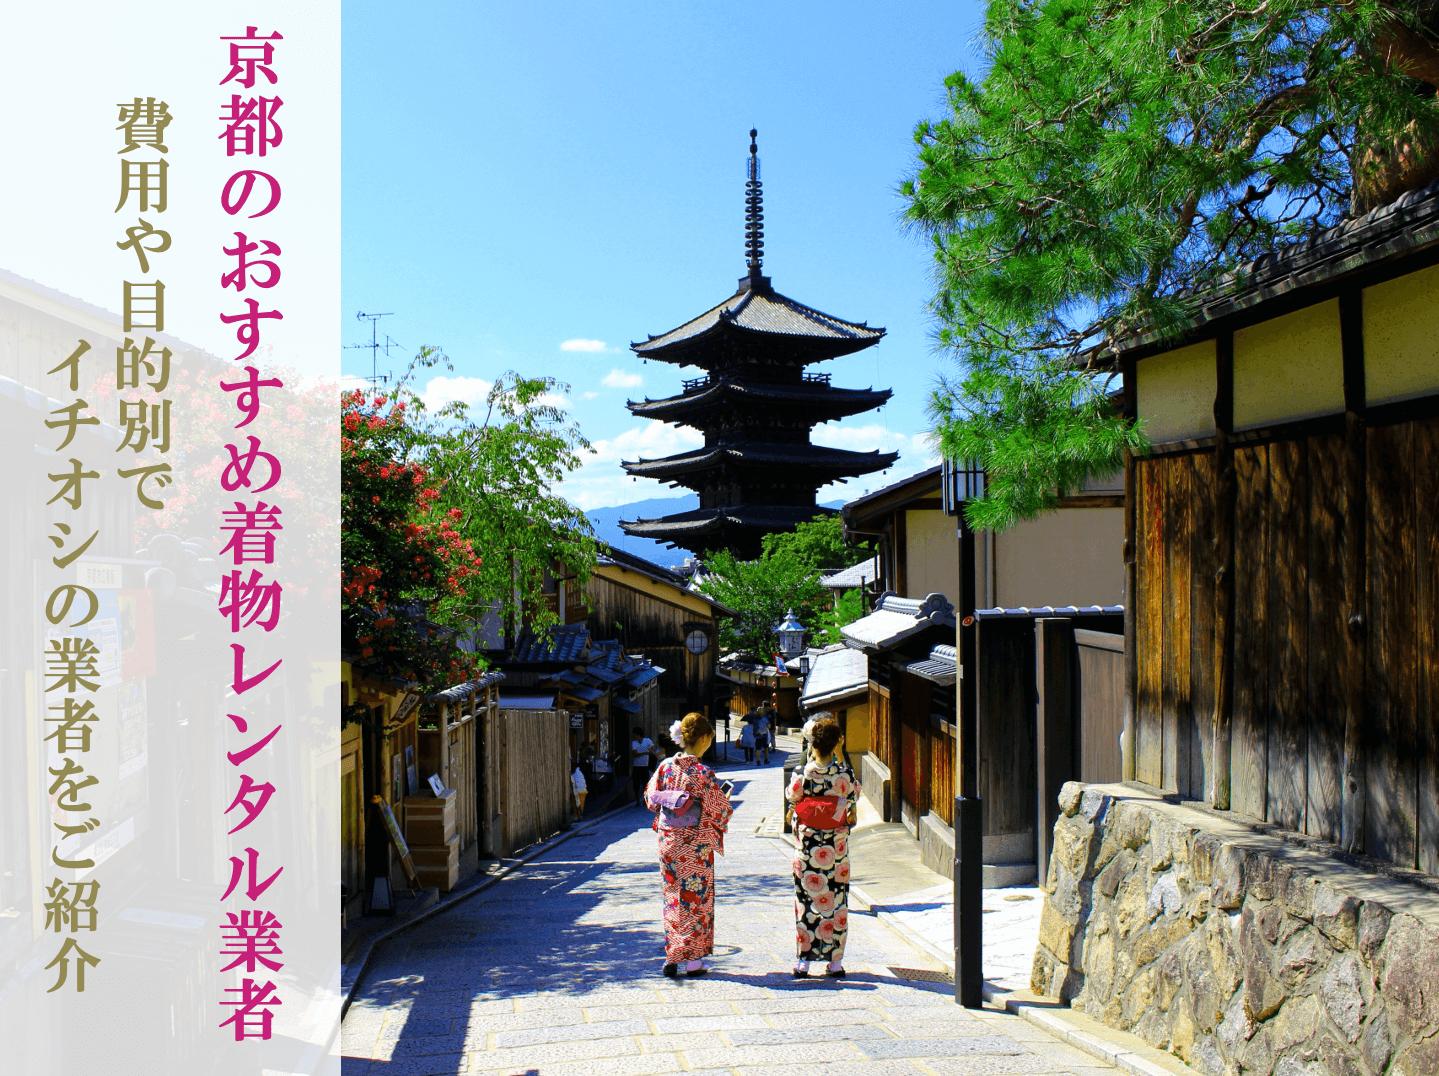 京都のおすすめ着物レンタル業者まとめ!一覧掲載だけでなく費用や目的別でイチオシの業者をご紹介